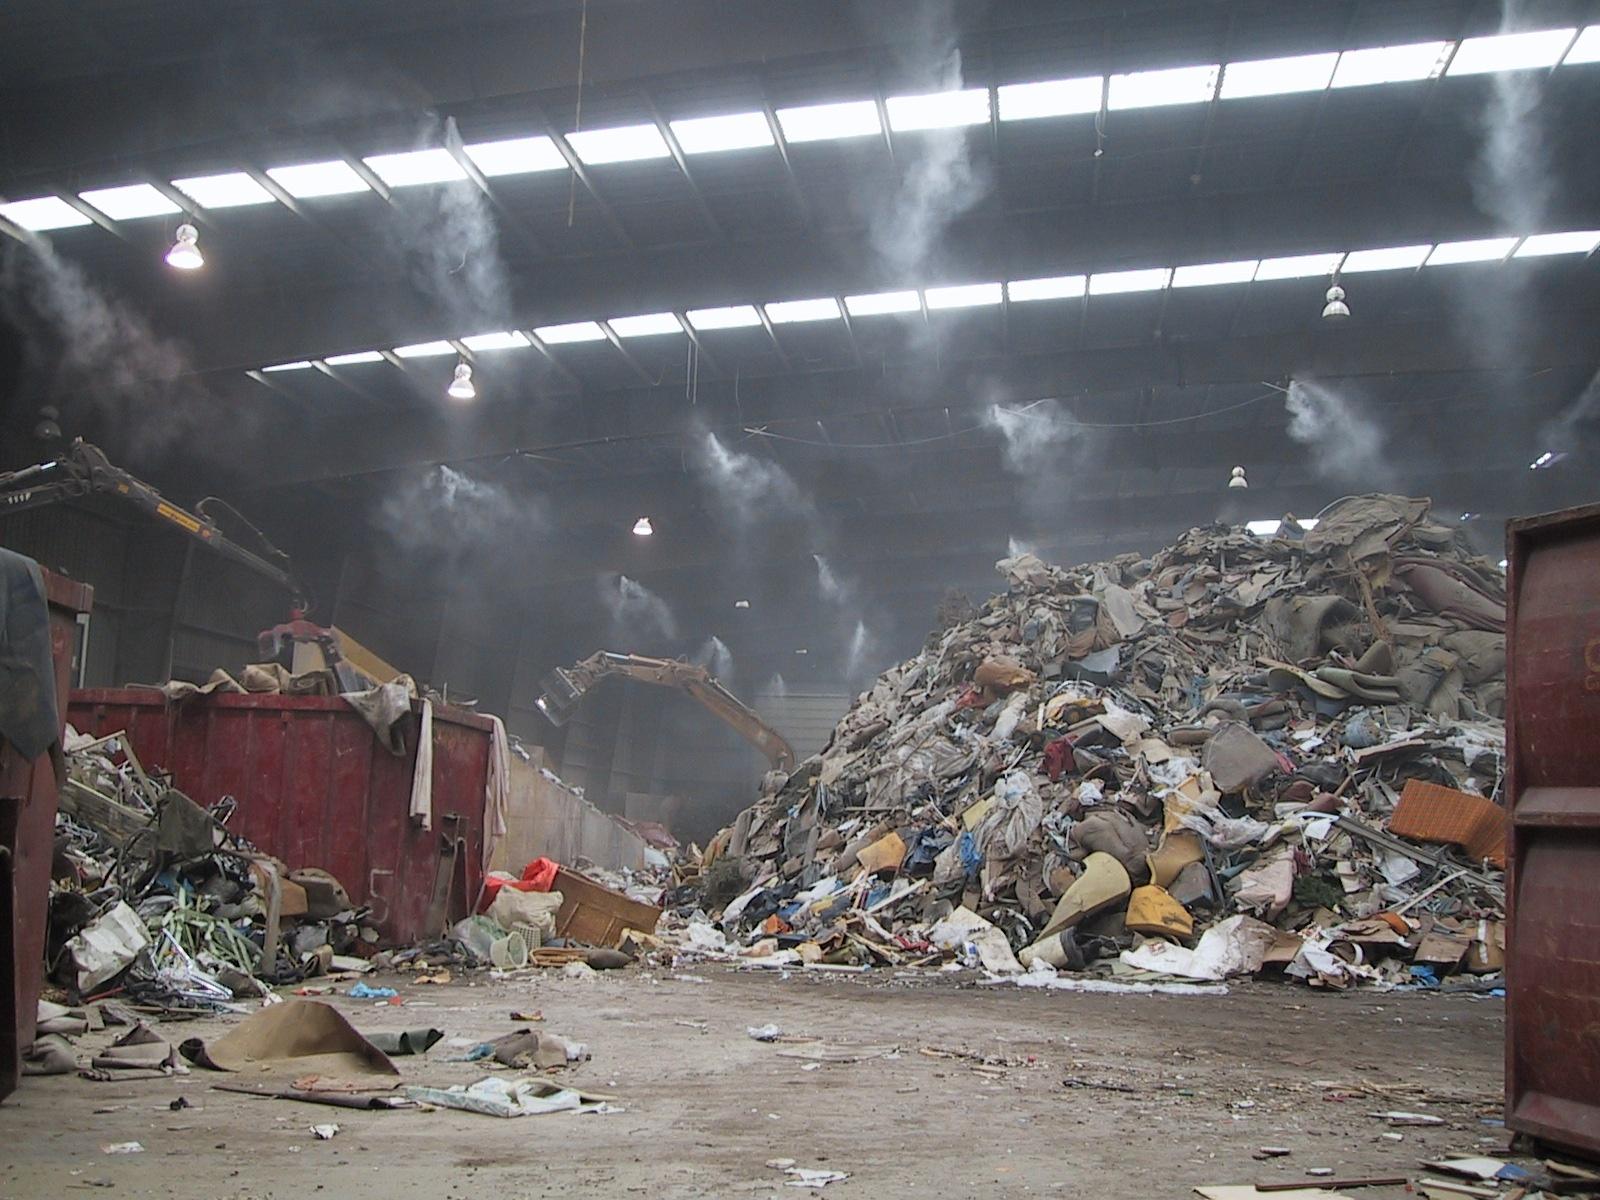 Stofverminderen of het verminderen van stank en geur is erg belangrijk bij bijvoorbeeld recyclingbedrijven. Denk aan een afvalverwerkingsbedrijf. De systemen van Reldair zorgen met een fijne nevel ervoor dat geur en stof gereduceerd worden.